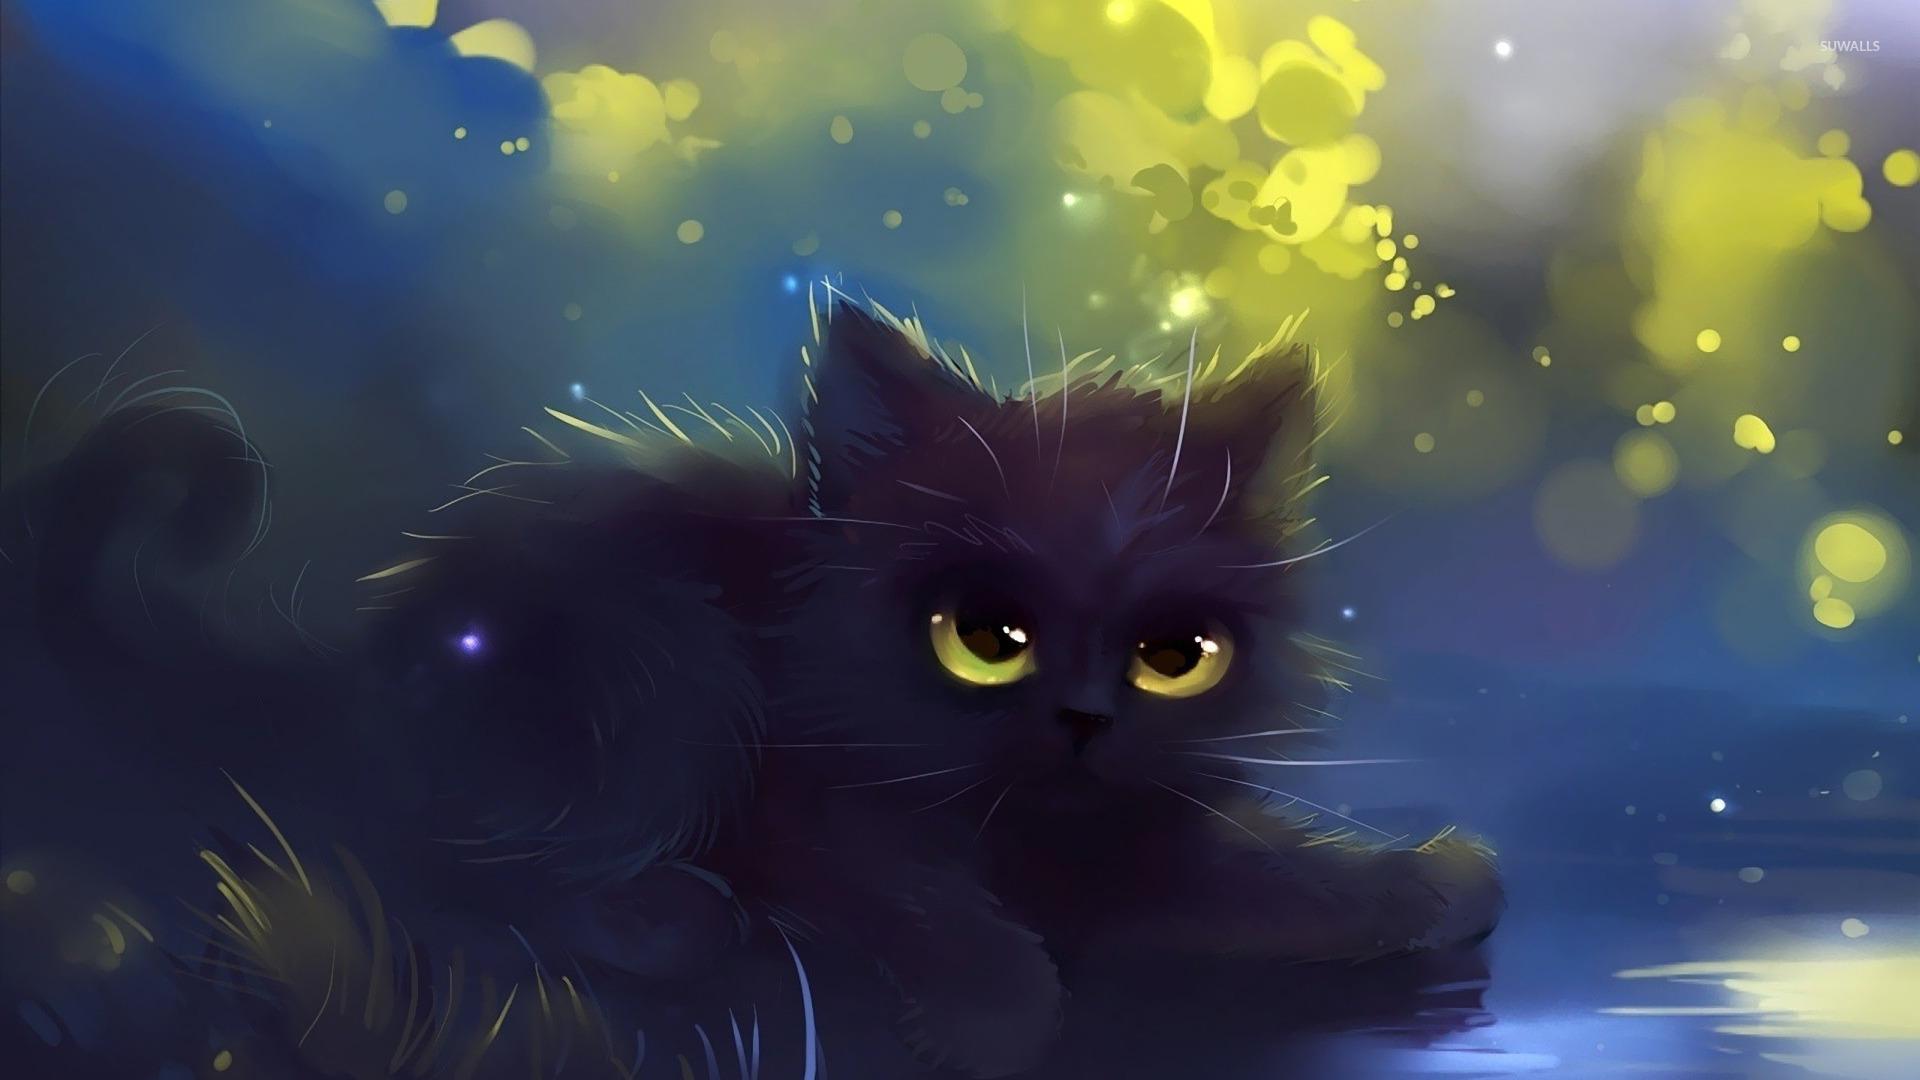 Google themes kittens - Black Kitten Wallpaper Artistic Wallpapers 20065